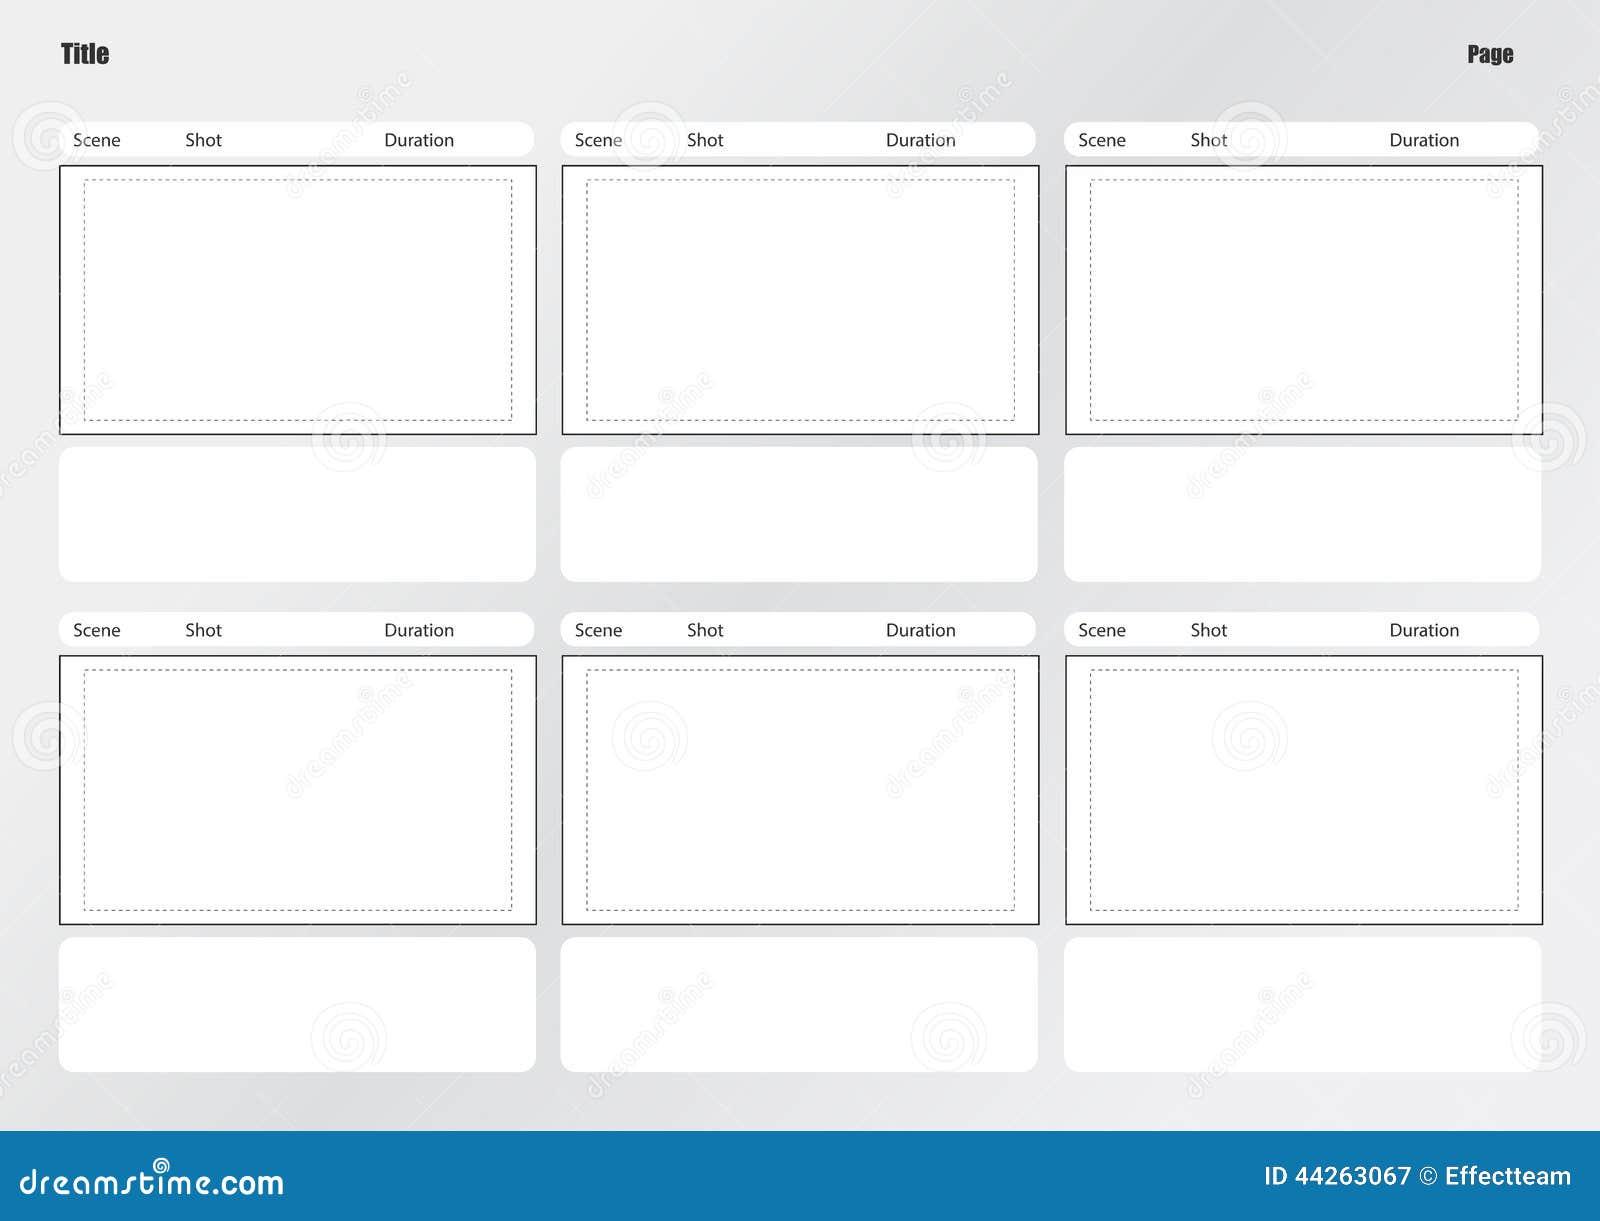 Ausgezeichnet Kurzfilm Storyboard Vorlage Zeitgenössisch - Beispiel ...